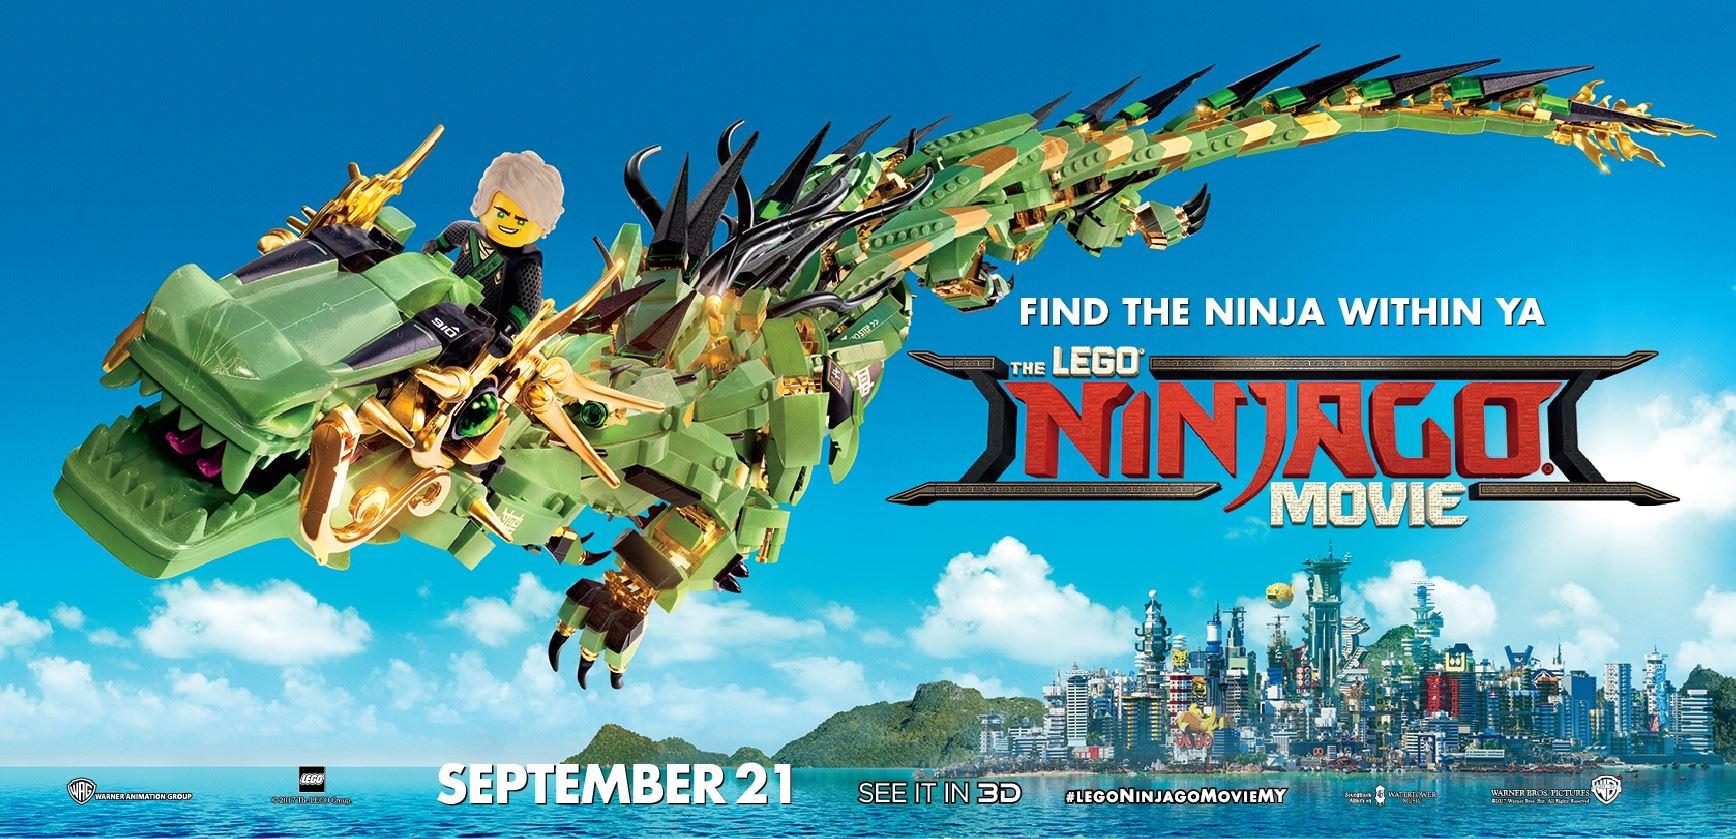 panggung era the lego ® ninjago ® movie